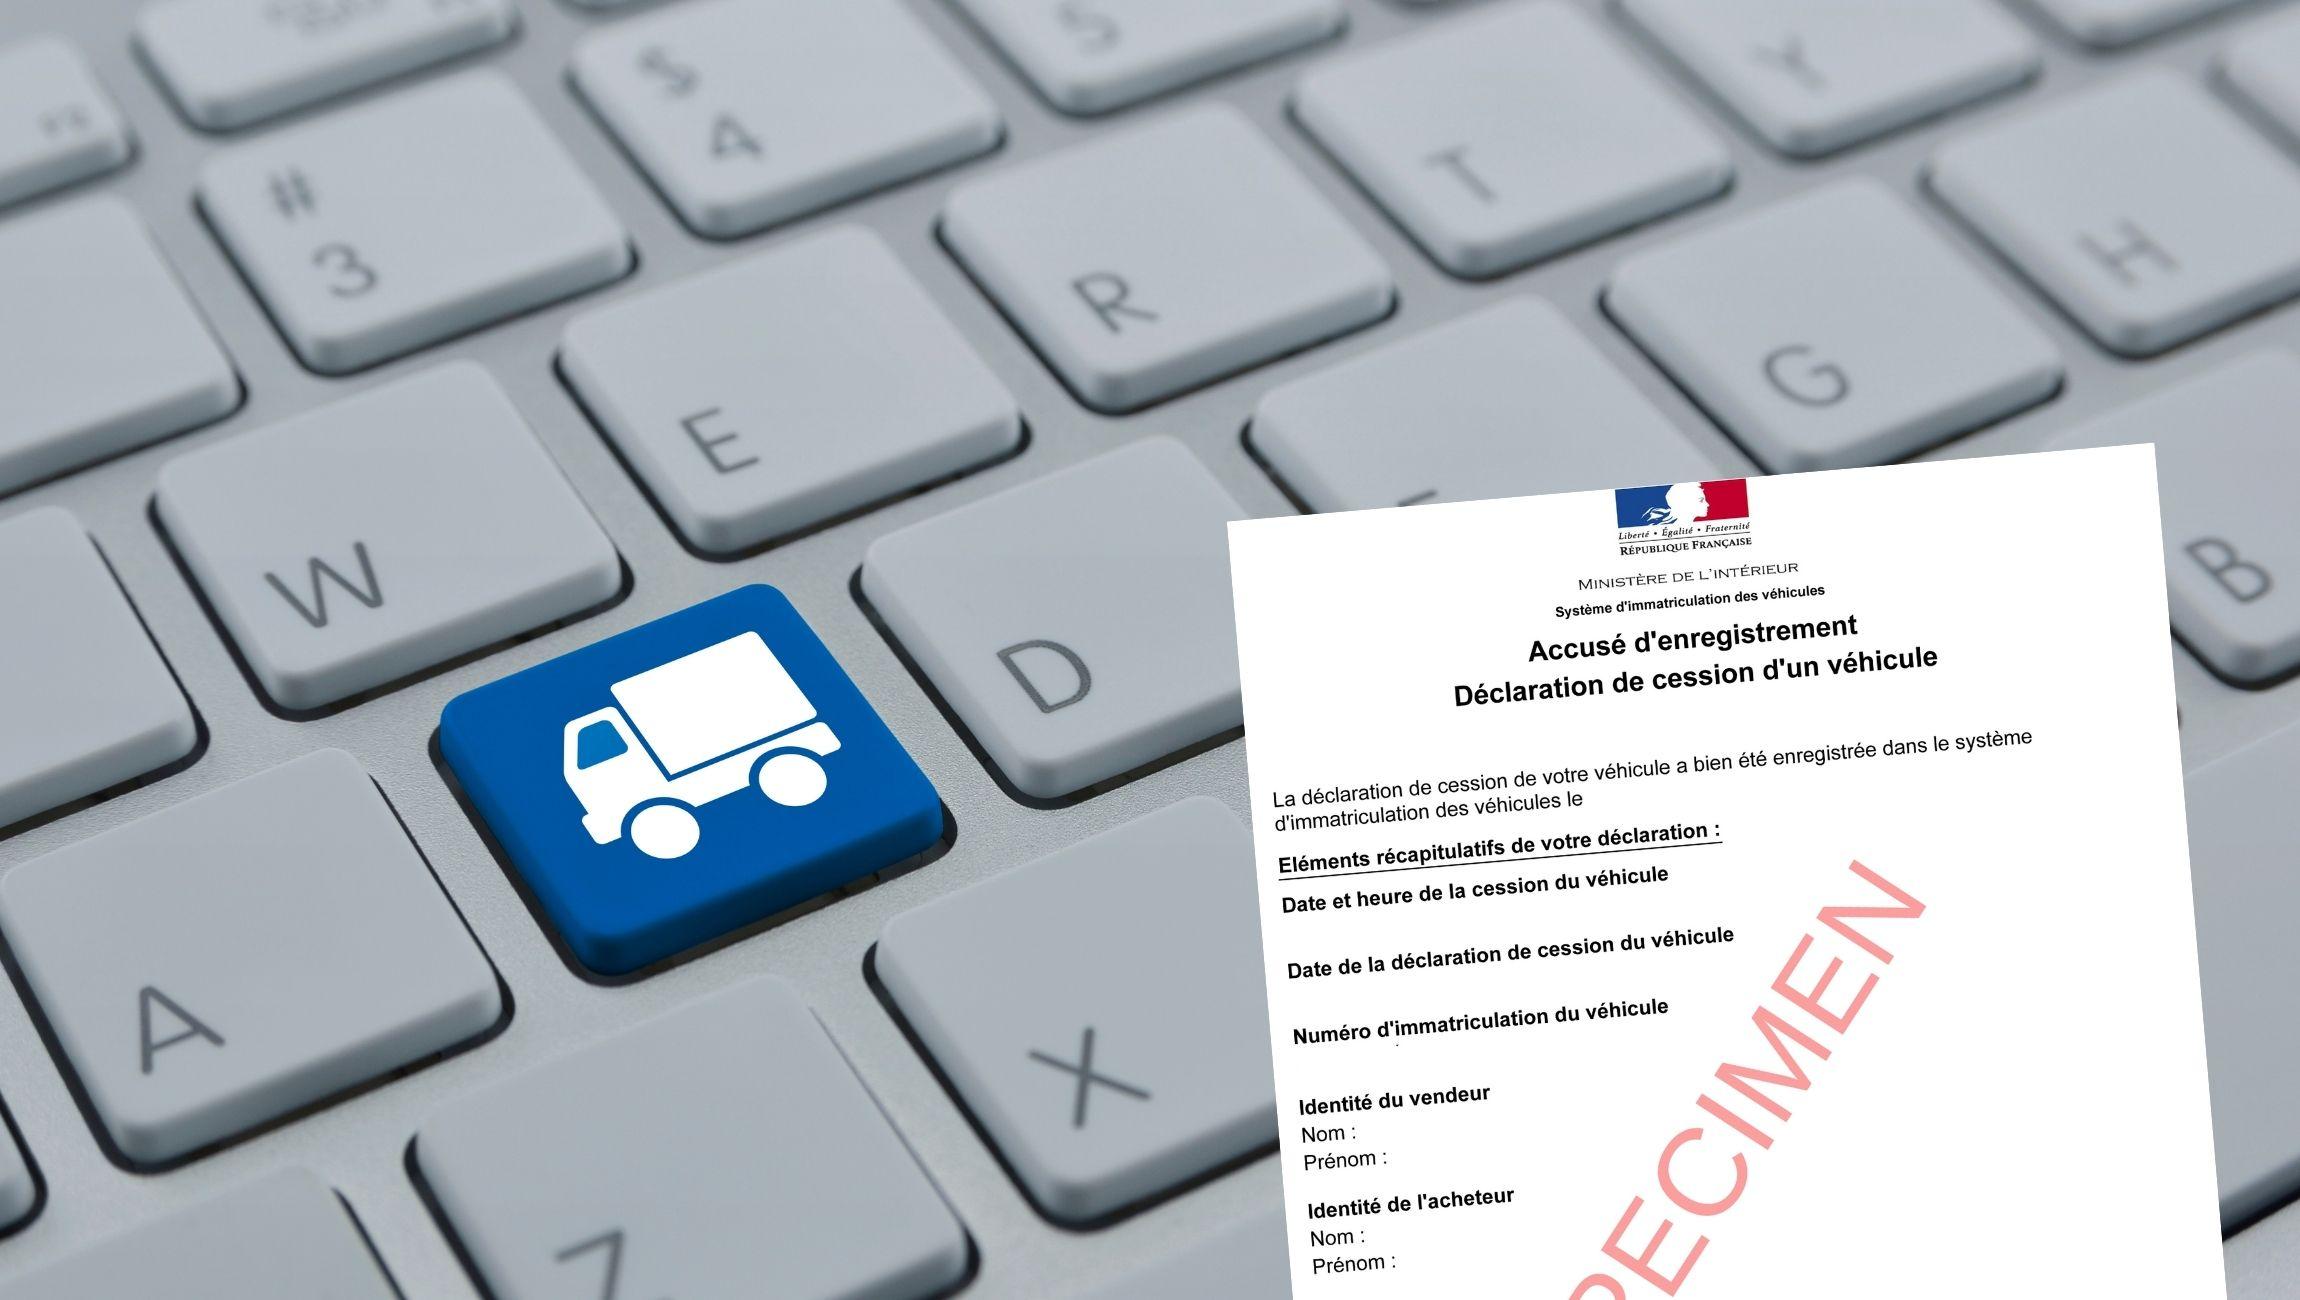 Déclaration de cession utilitaire / certificat de cession